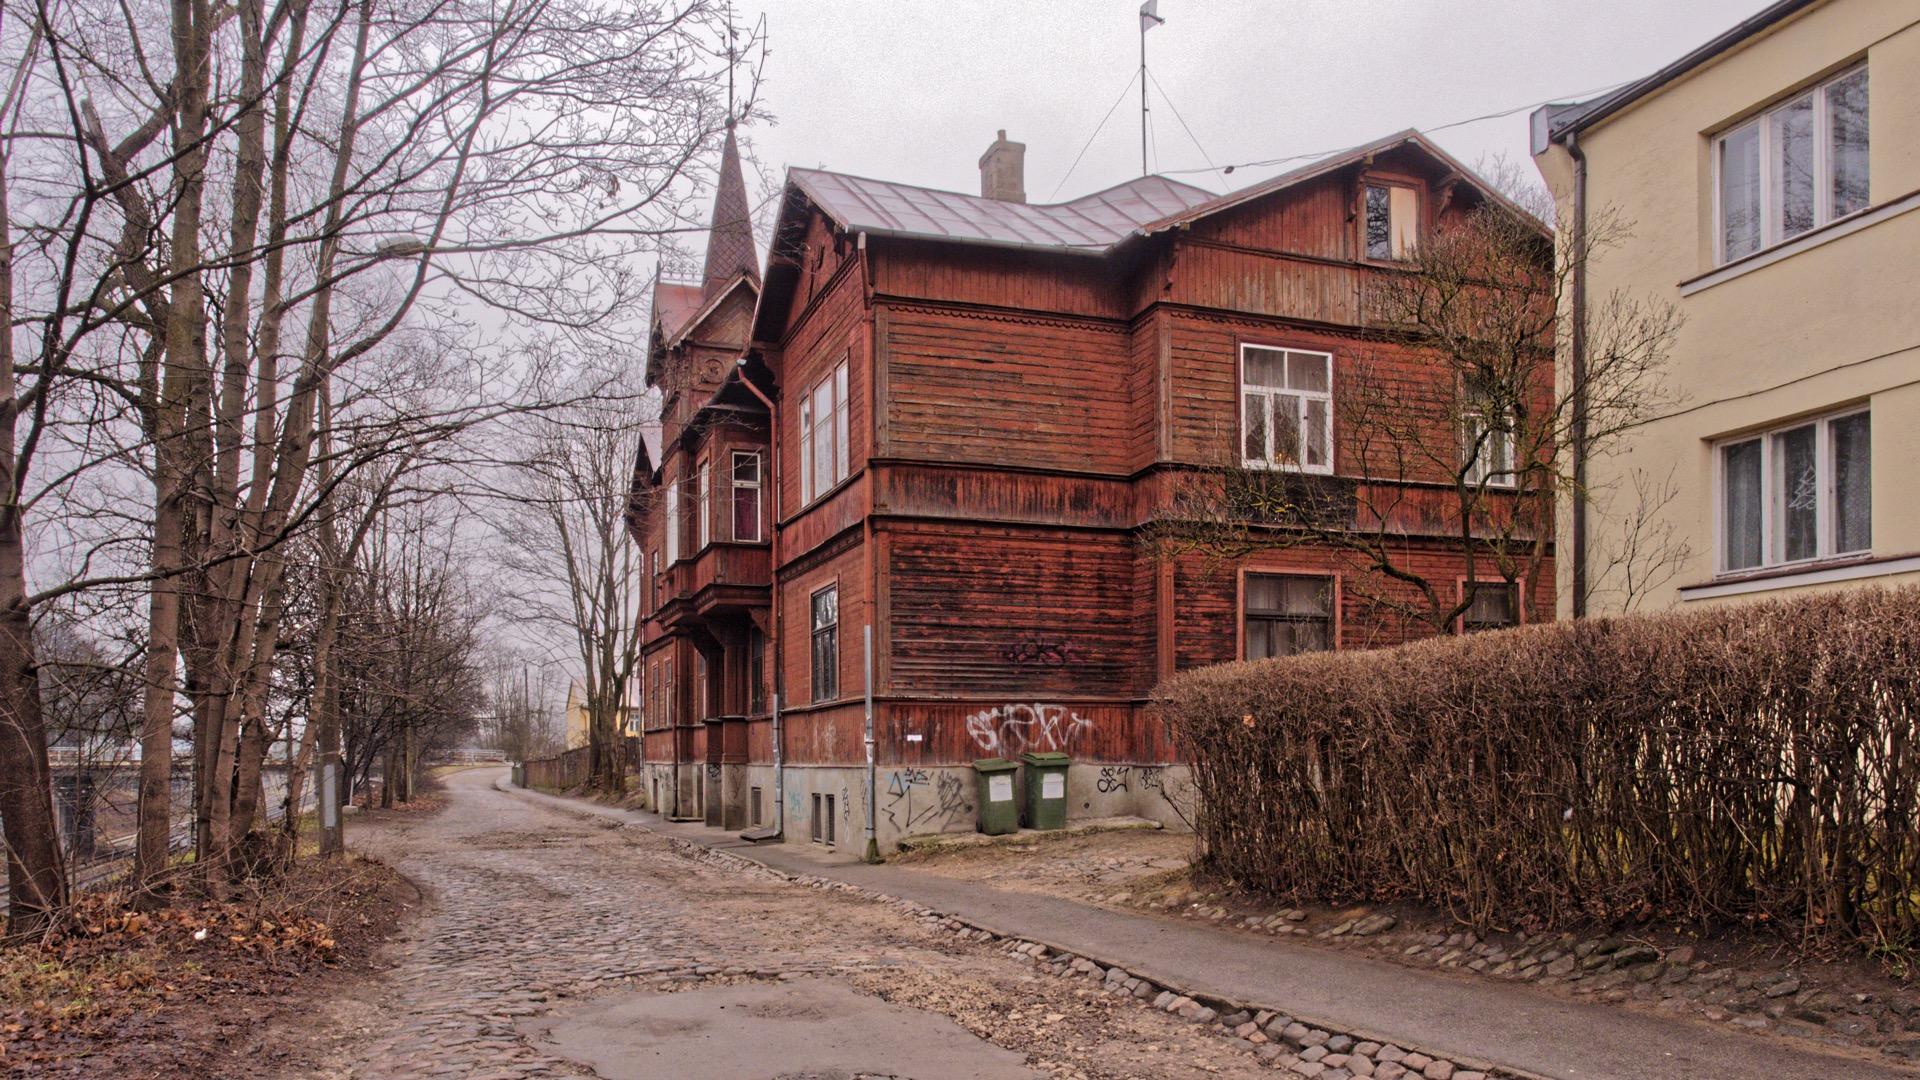 Bild: In der Indriķa iela im Rigaer Stadtteil Torņakalns befindet sich ein weiteres großes Holzhaus. OLYMPUS OM-D E-M1 mit M.ZUIKO DIGITAL ED 12‑40mm 1:2.8 ISO 400 ¦ f/7,1 ¦ 12 mm ¦ 1/60 s ¦ kein Blitz. Klicken Sie auf das Bild um es zu vergrößern.